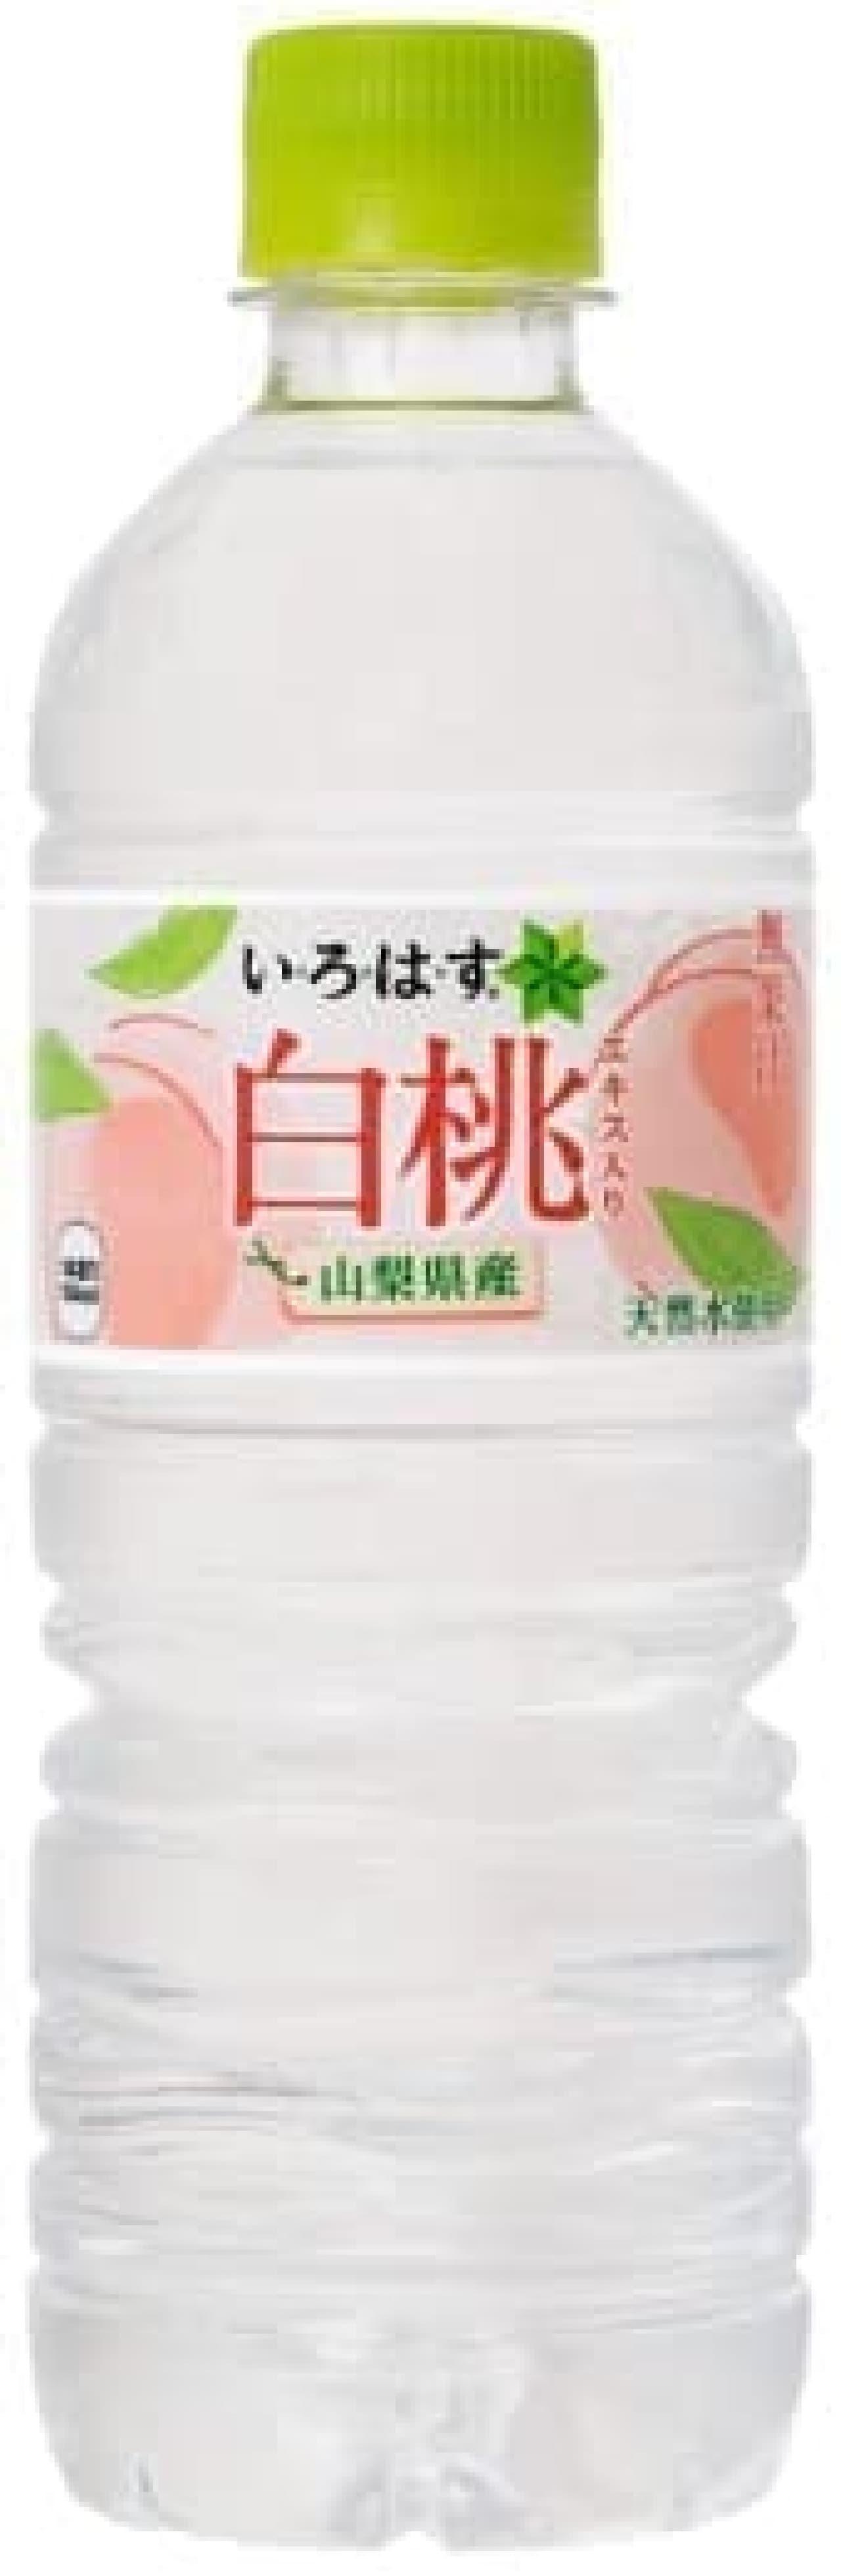 コカ・コーラシステム「い・ろ・は・す 白桃」